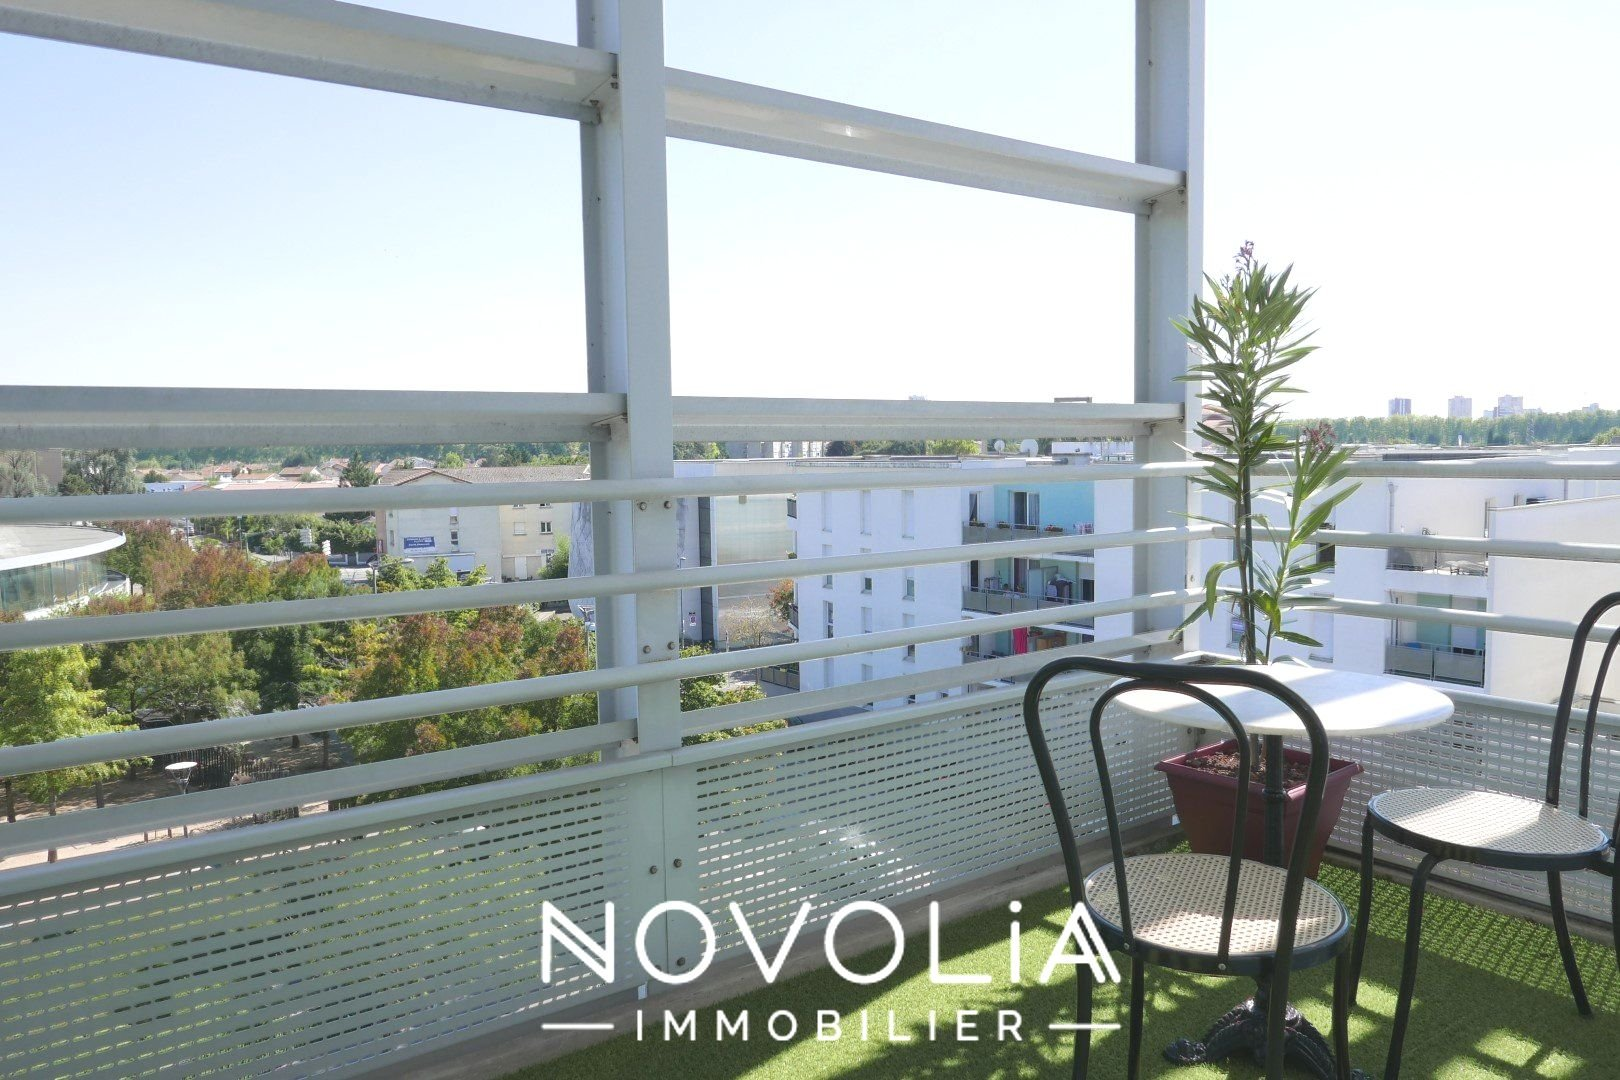 Achat Appartement, Surface de 127 m², 5 pièces, Vaulx-en-Velin (69120)